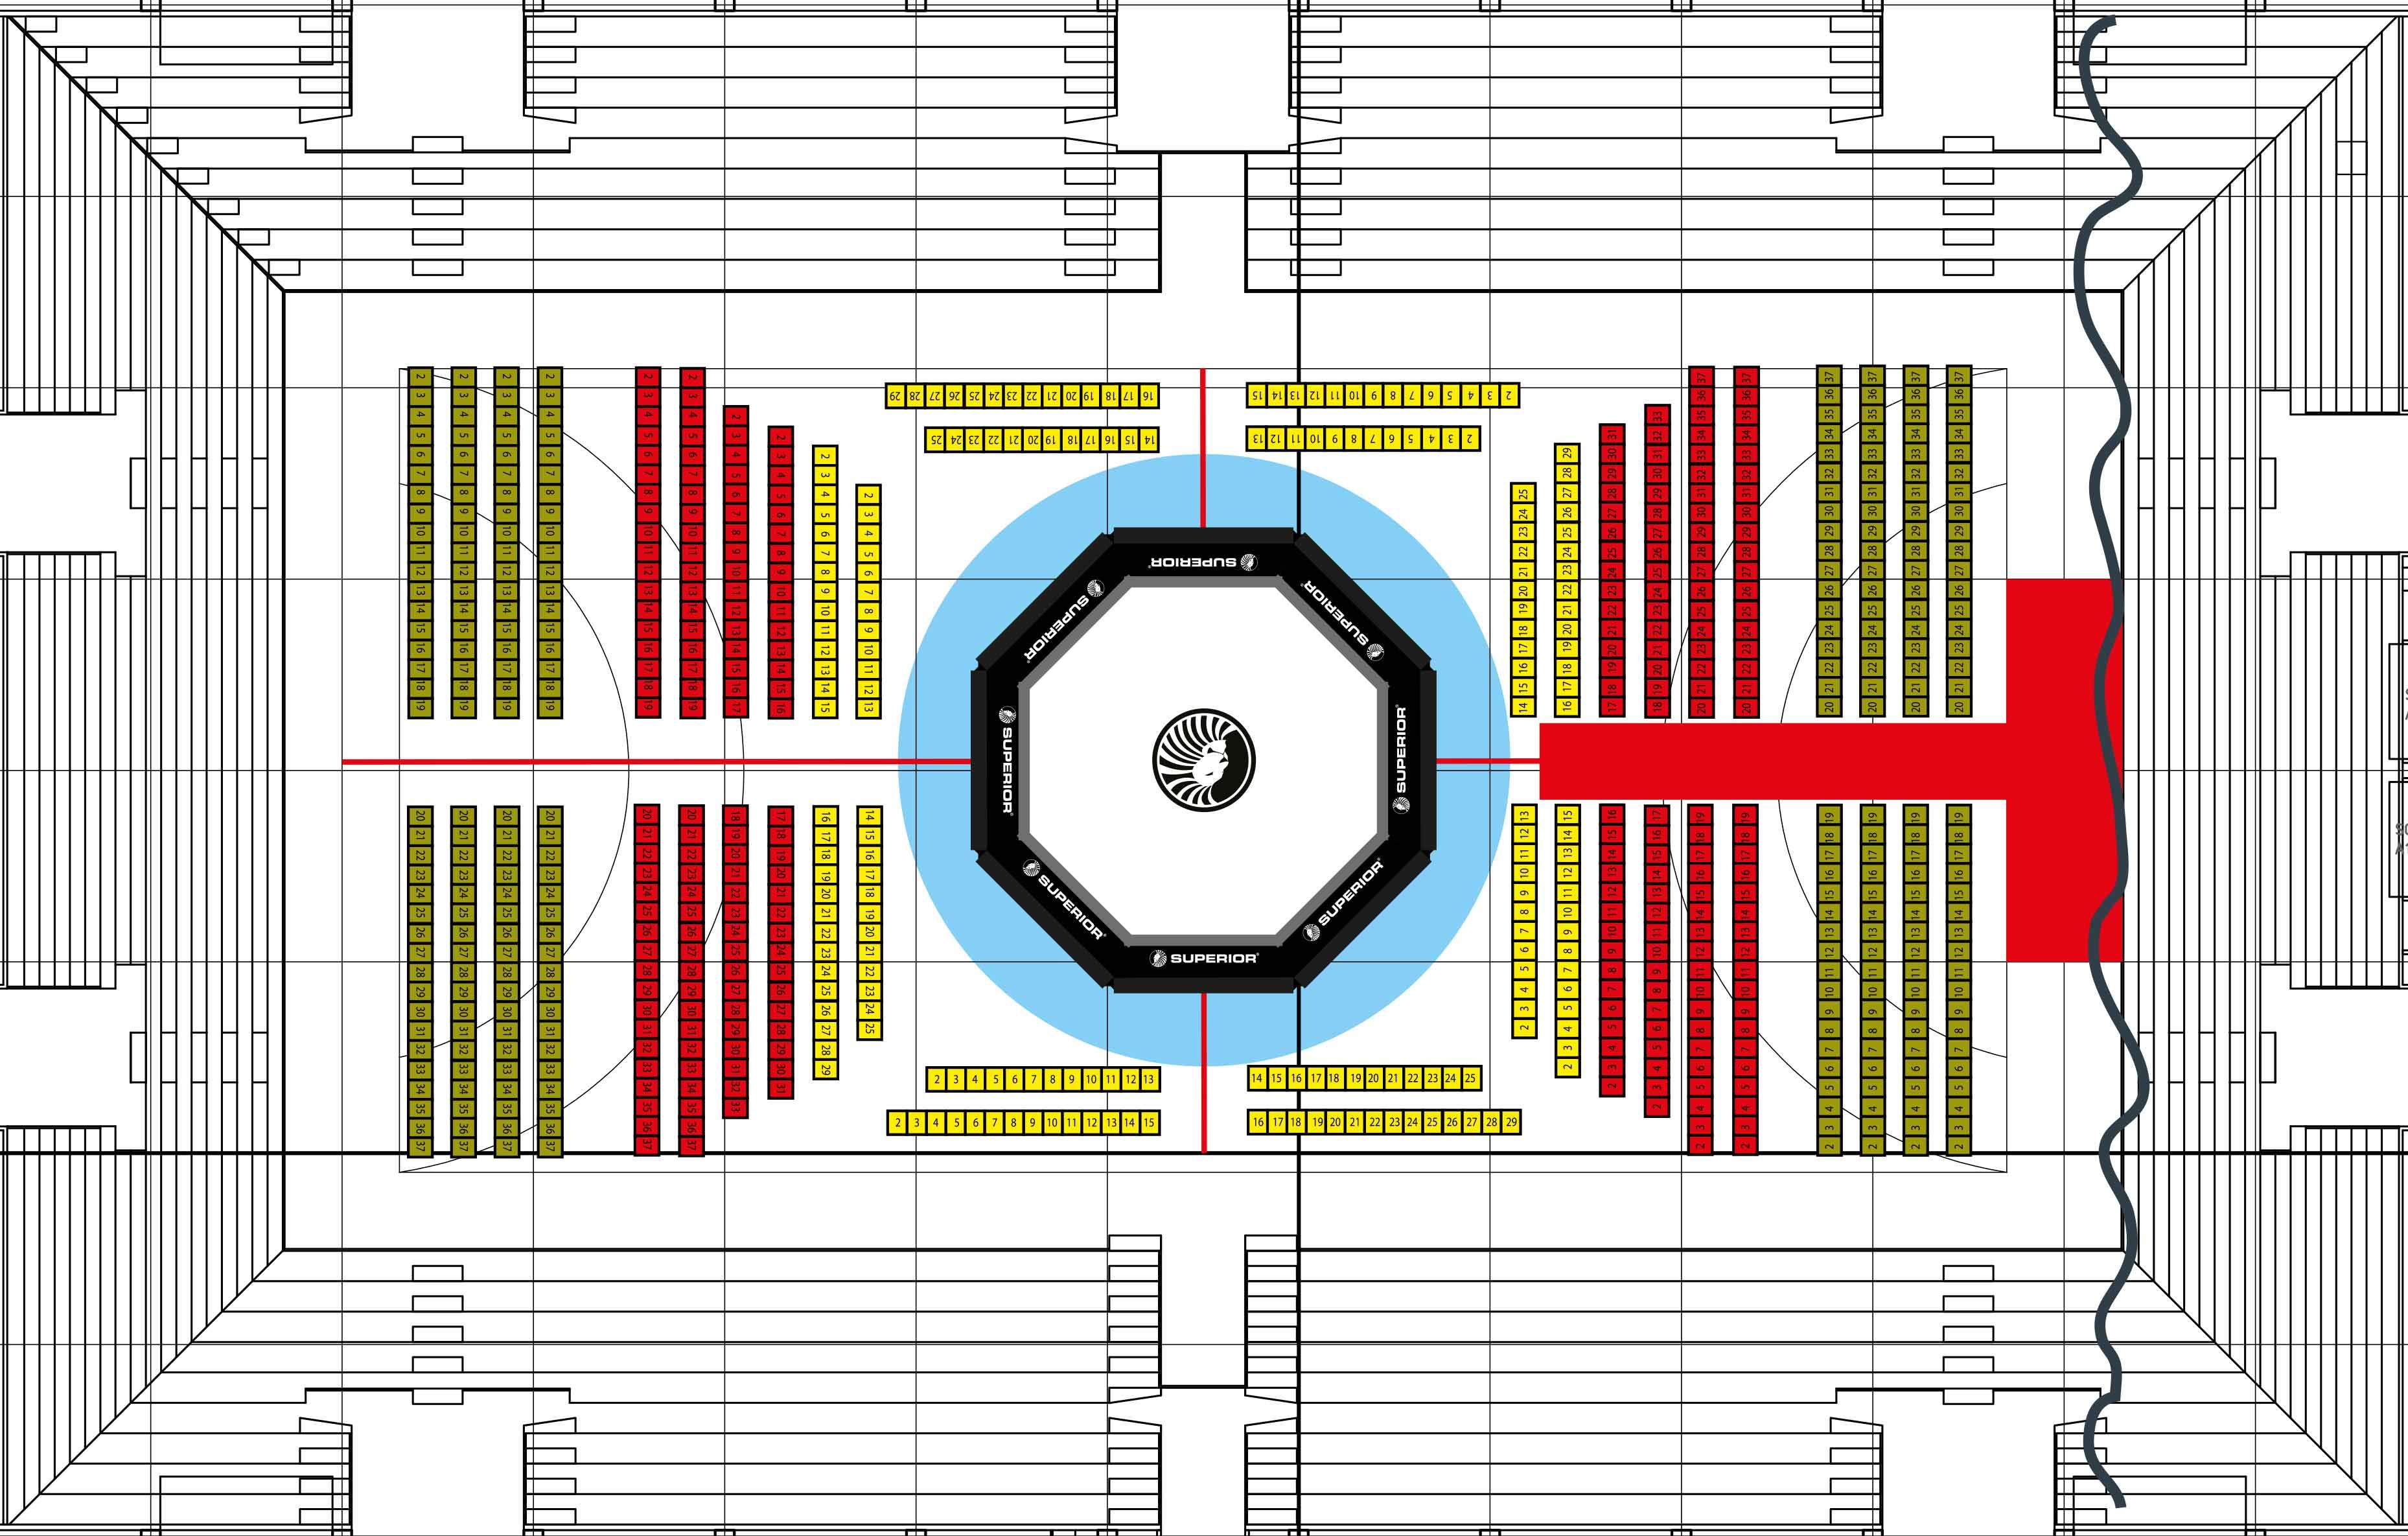 Superior Challenge 12 Malmö Baltiska Hallen Arena Layout